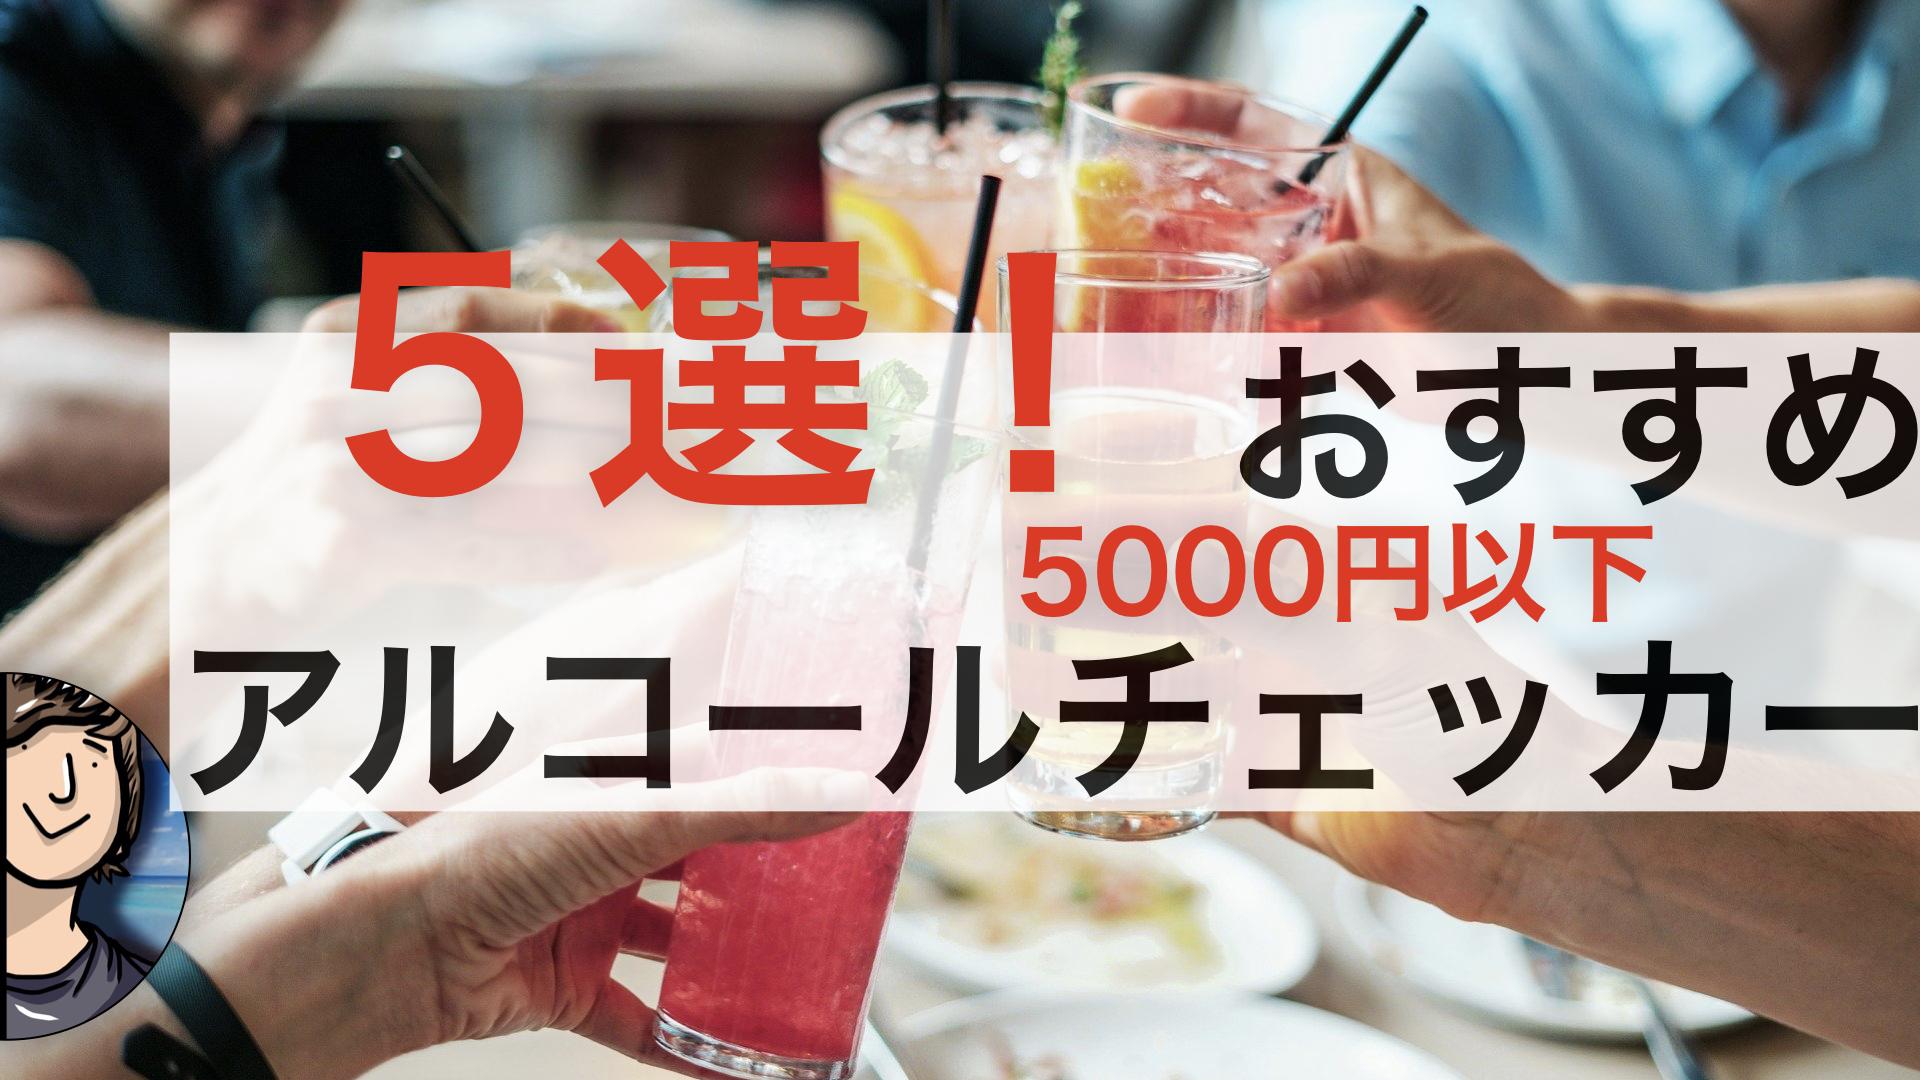 【5000円以下】コスパ最強!おすすめ携行型アルコールチェッカー5選